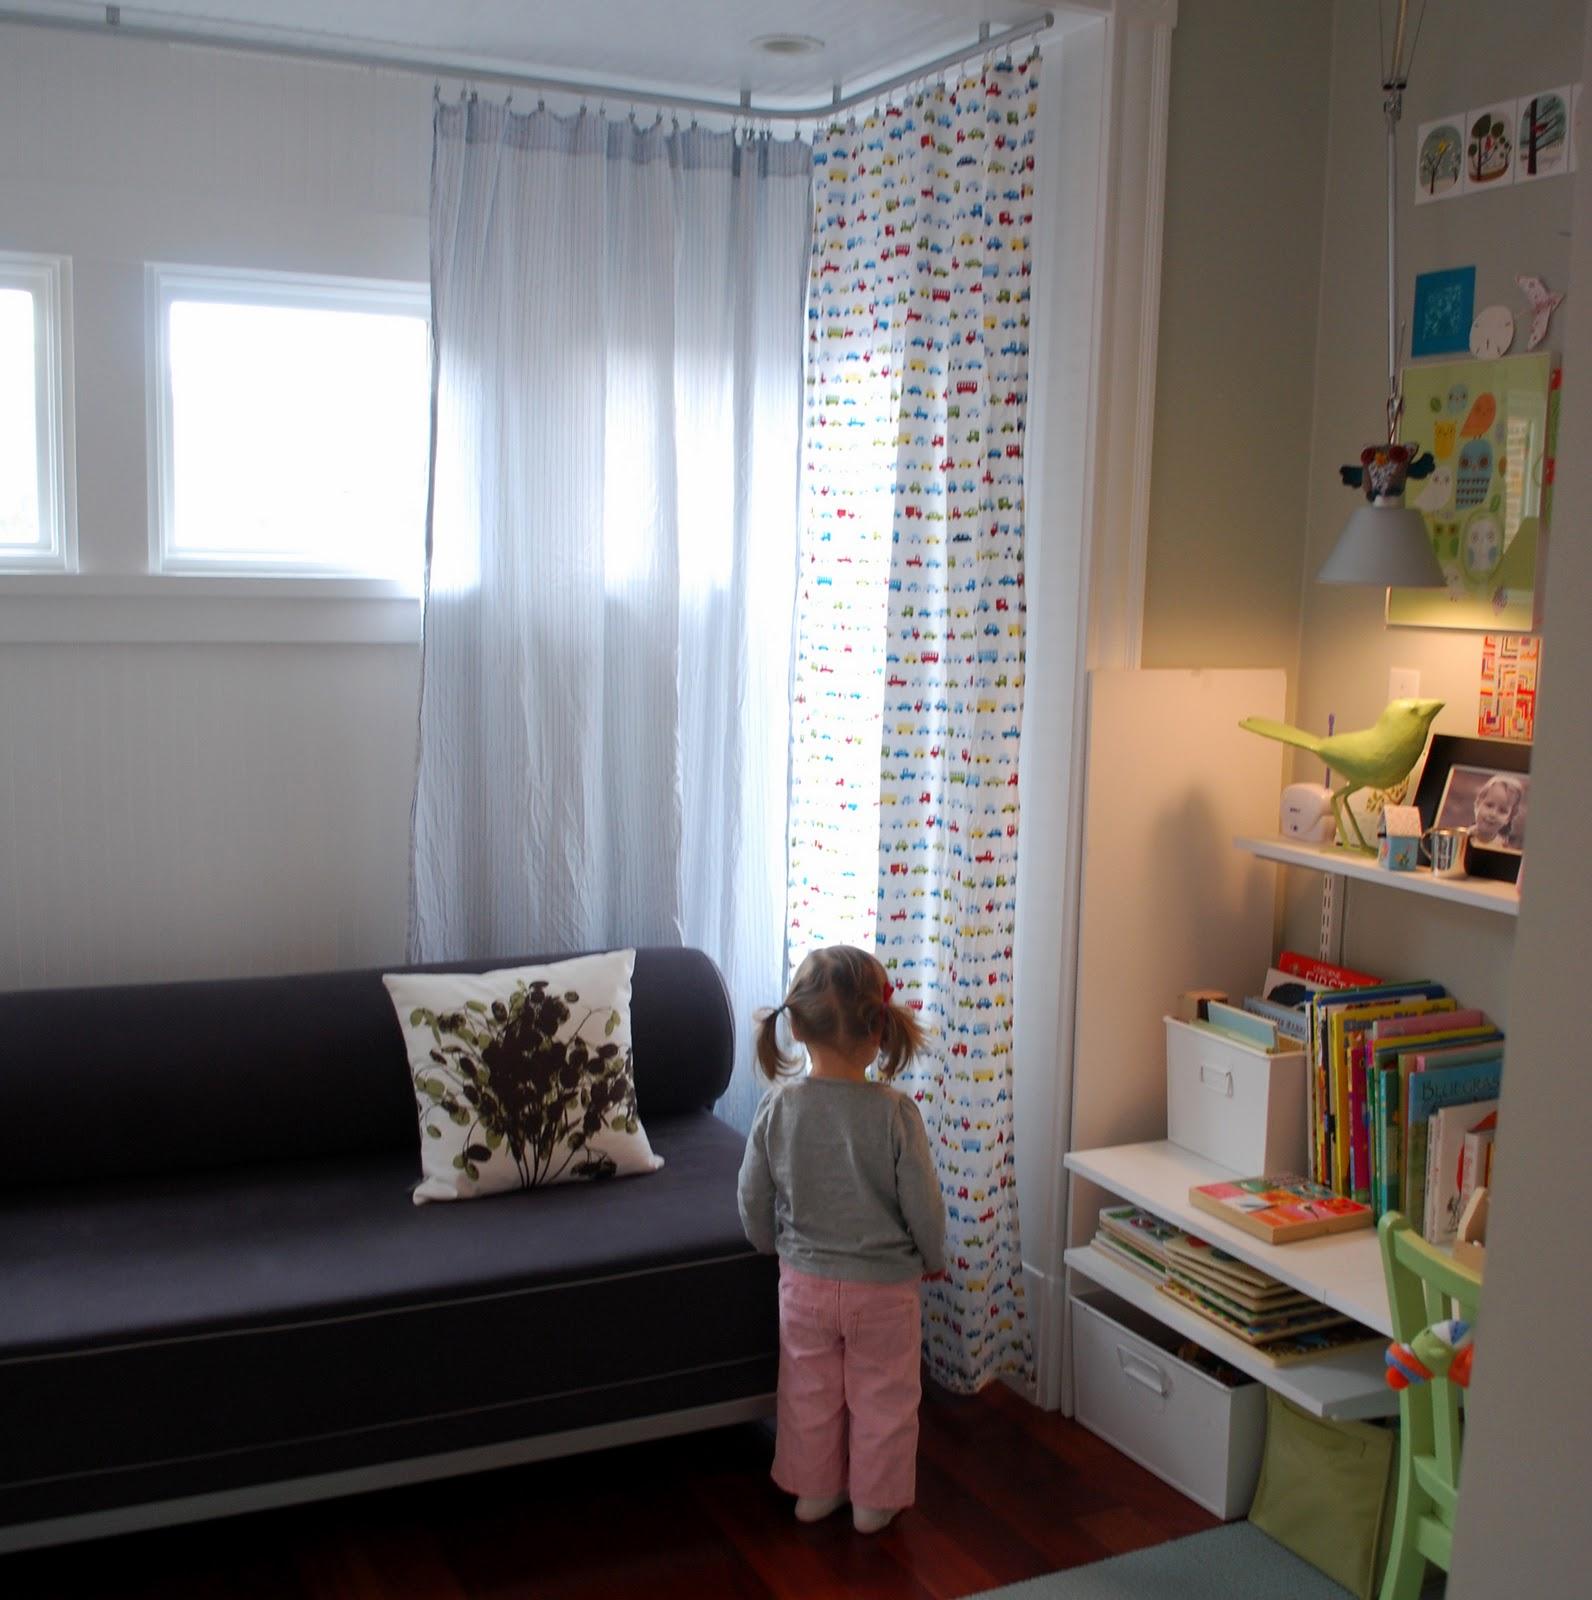 Ikea kvartal panel - Daily Archives November 6 2011